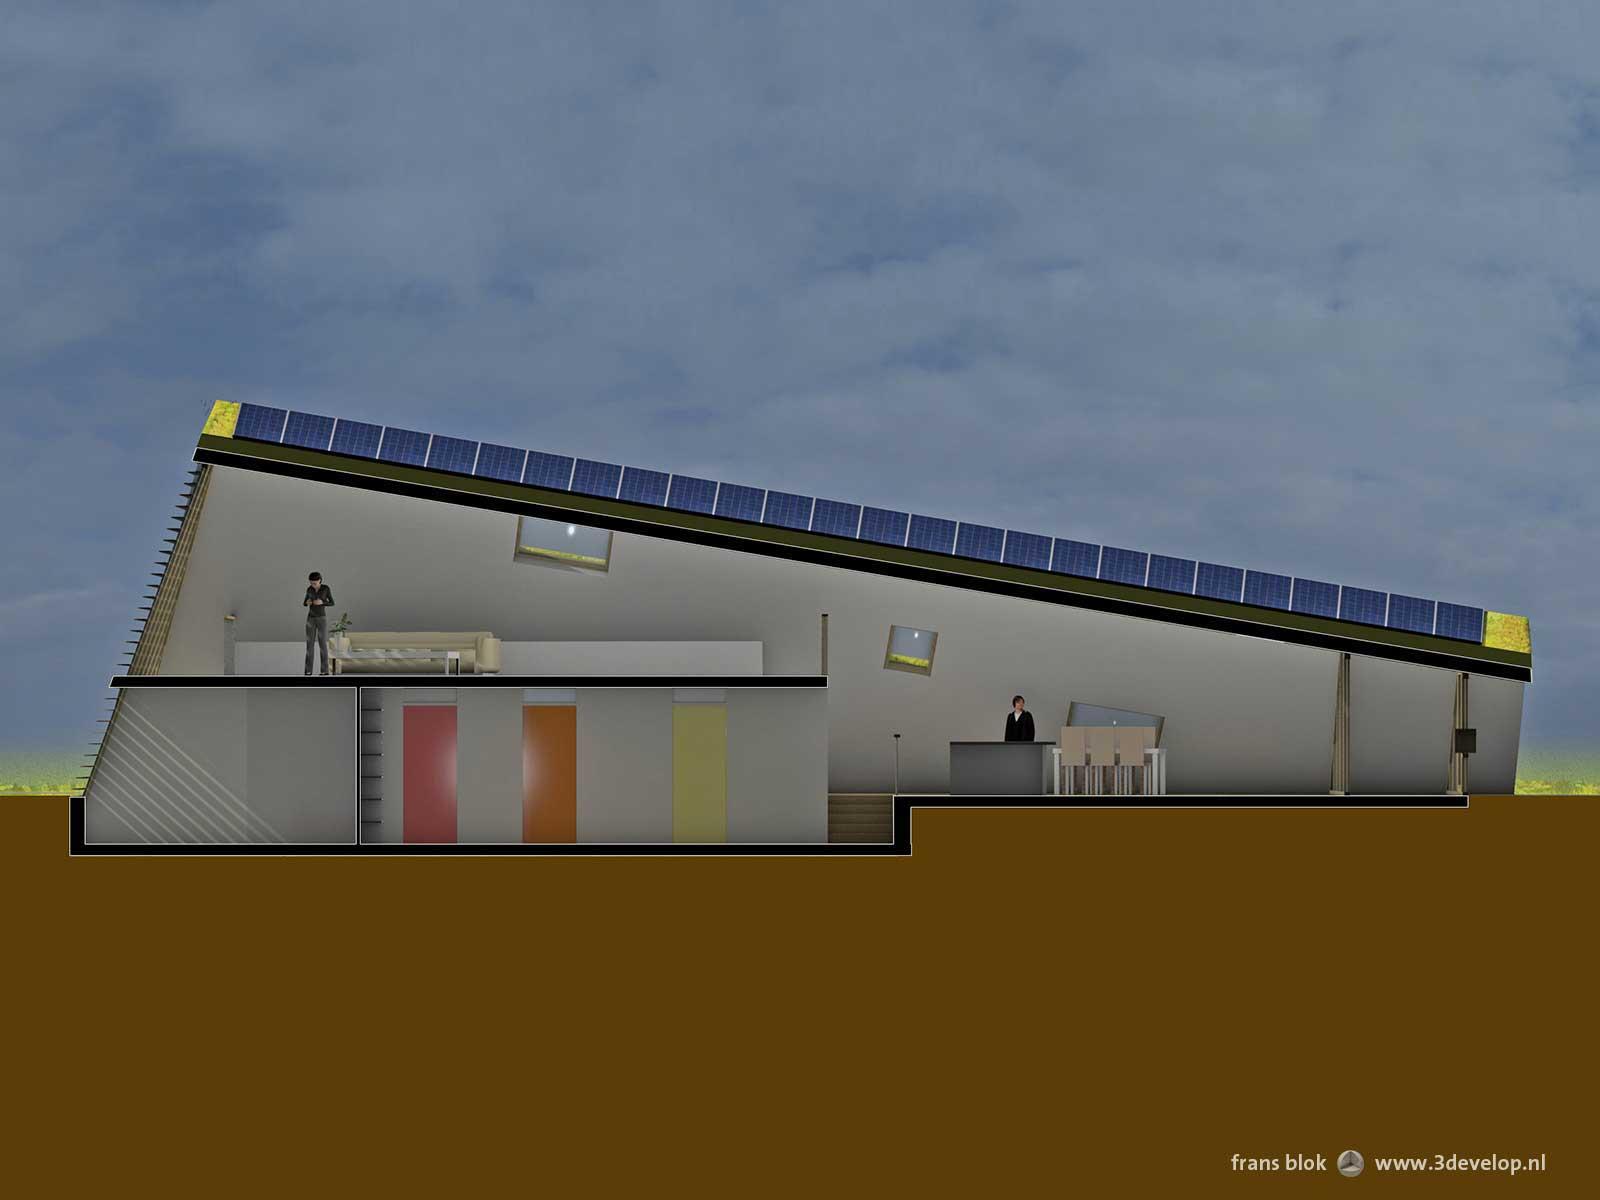 De Groene Piramide: radicaal duurzaam - 3Develop beeldblog